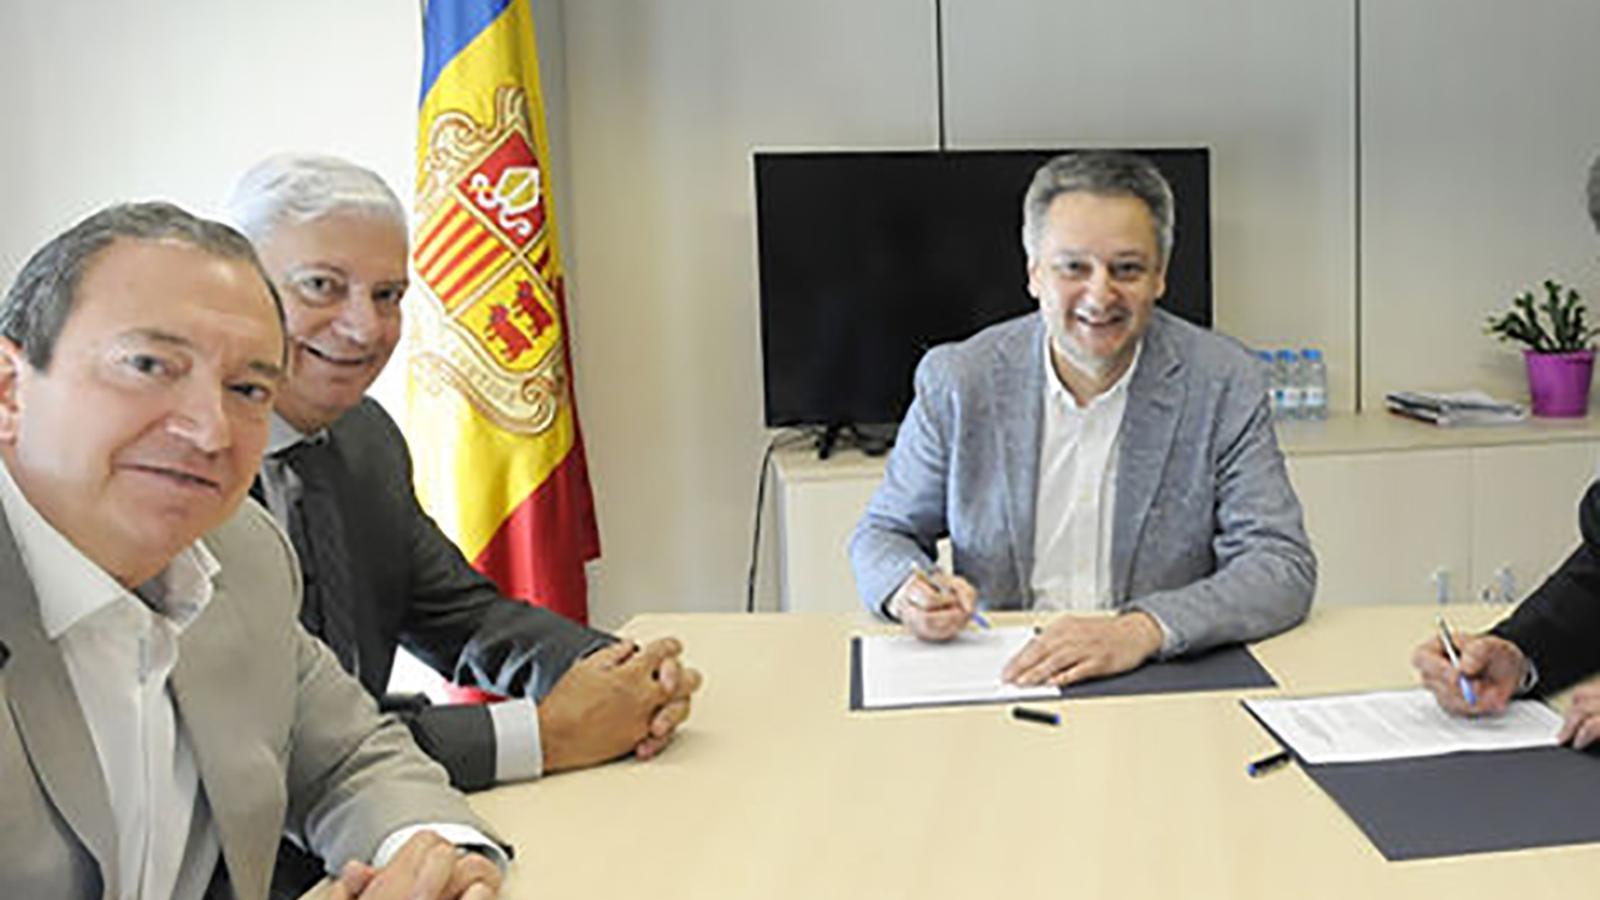 El directiu i el president de la CEA, Pere Augé i Gerard Cadena respectivament, en un acte amb el ministre d'Economia, Innovació i Competitivitat, Gilbert Saboya. / ARXIU ANA